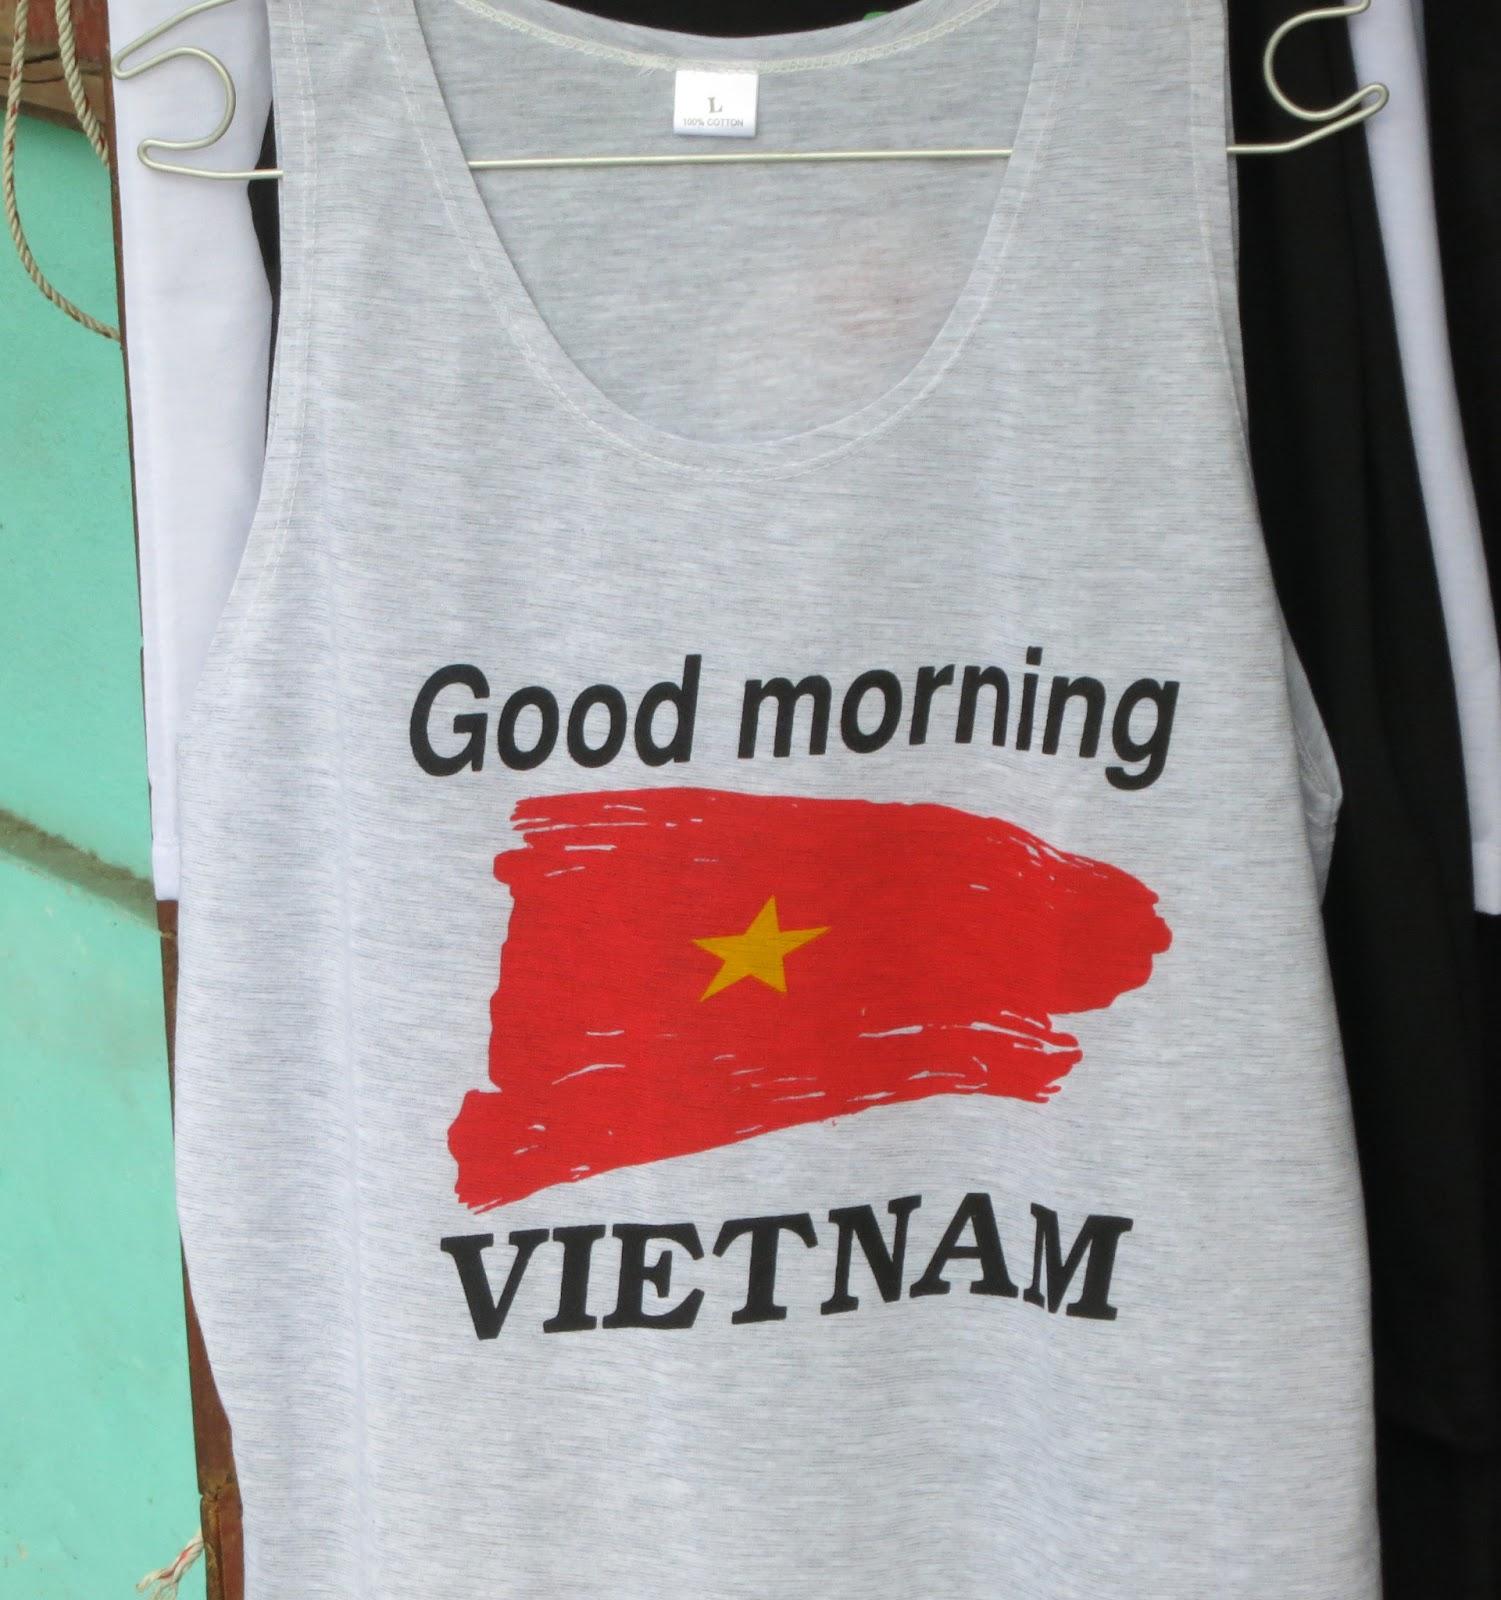 Good Morning Vietnam In Vietnamese : Franztalk good morning vietnam